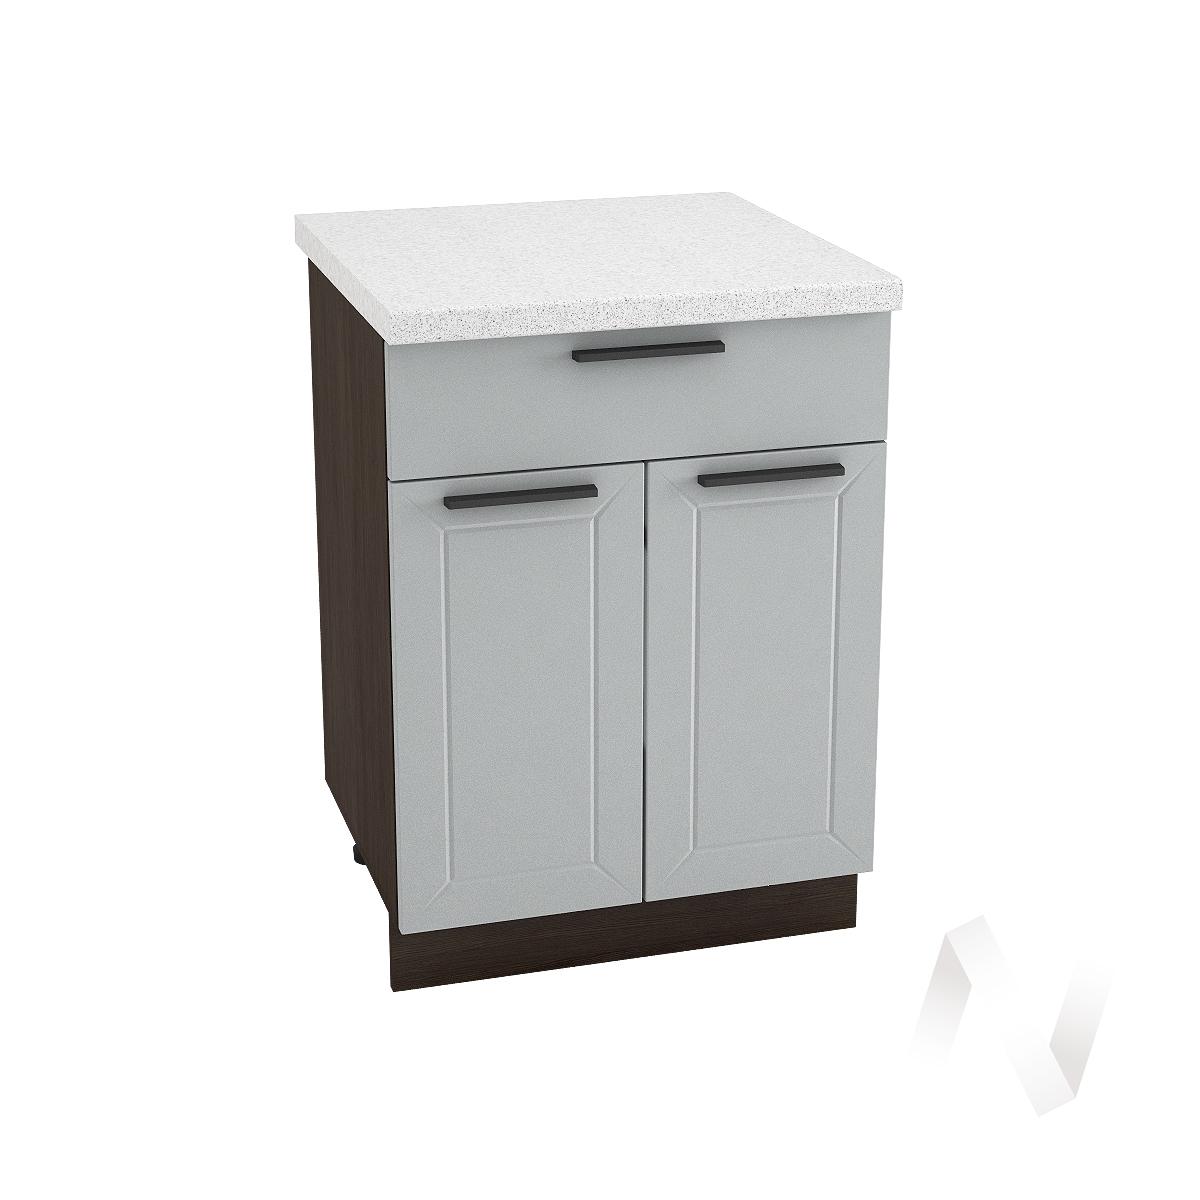 """Кухня """"Глетчер"""": Шкаф нижний с ящиком 600, ШН1Я 600 М (Гейнсборо Силк/корпус венге)"""